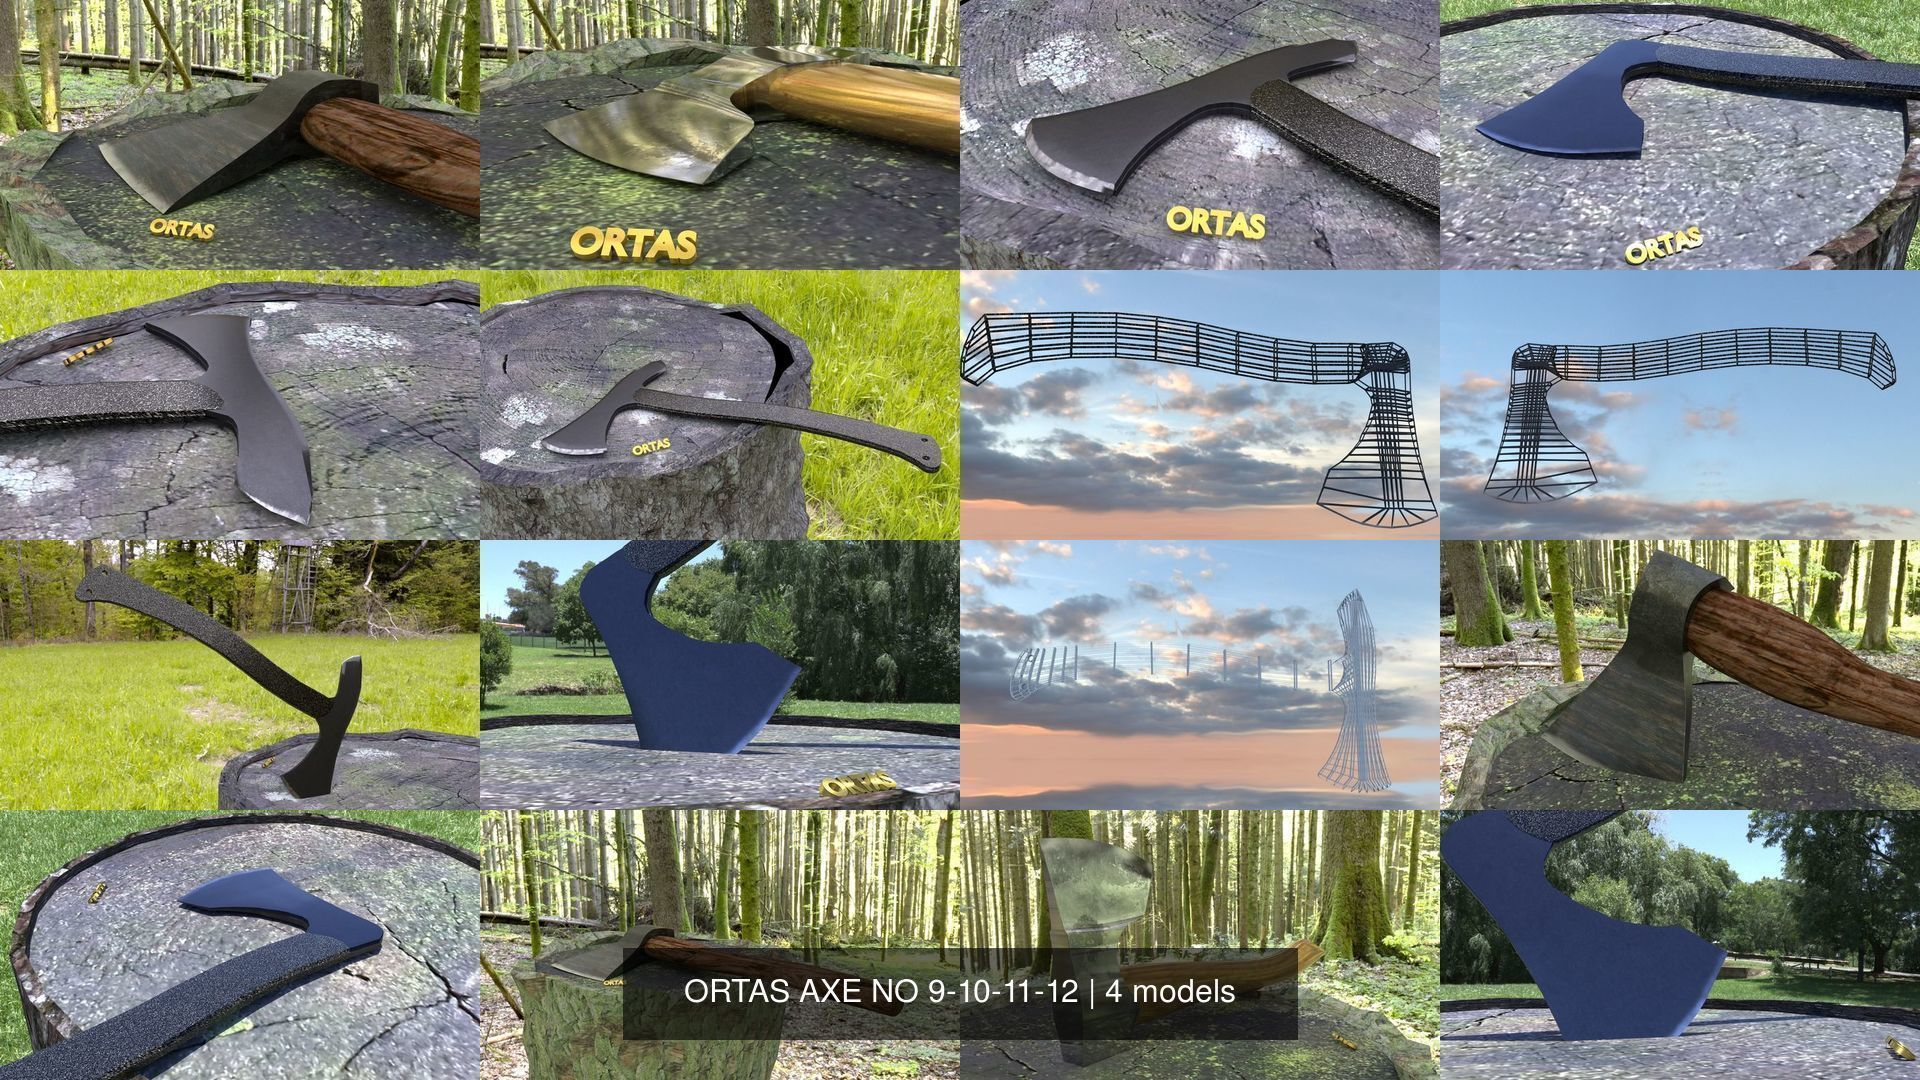 ORTAS AXE NO 9-10-11-12